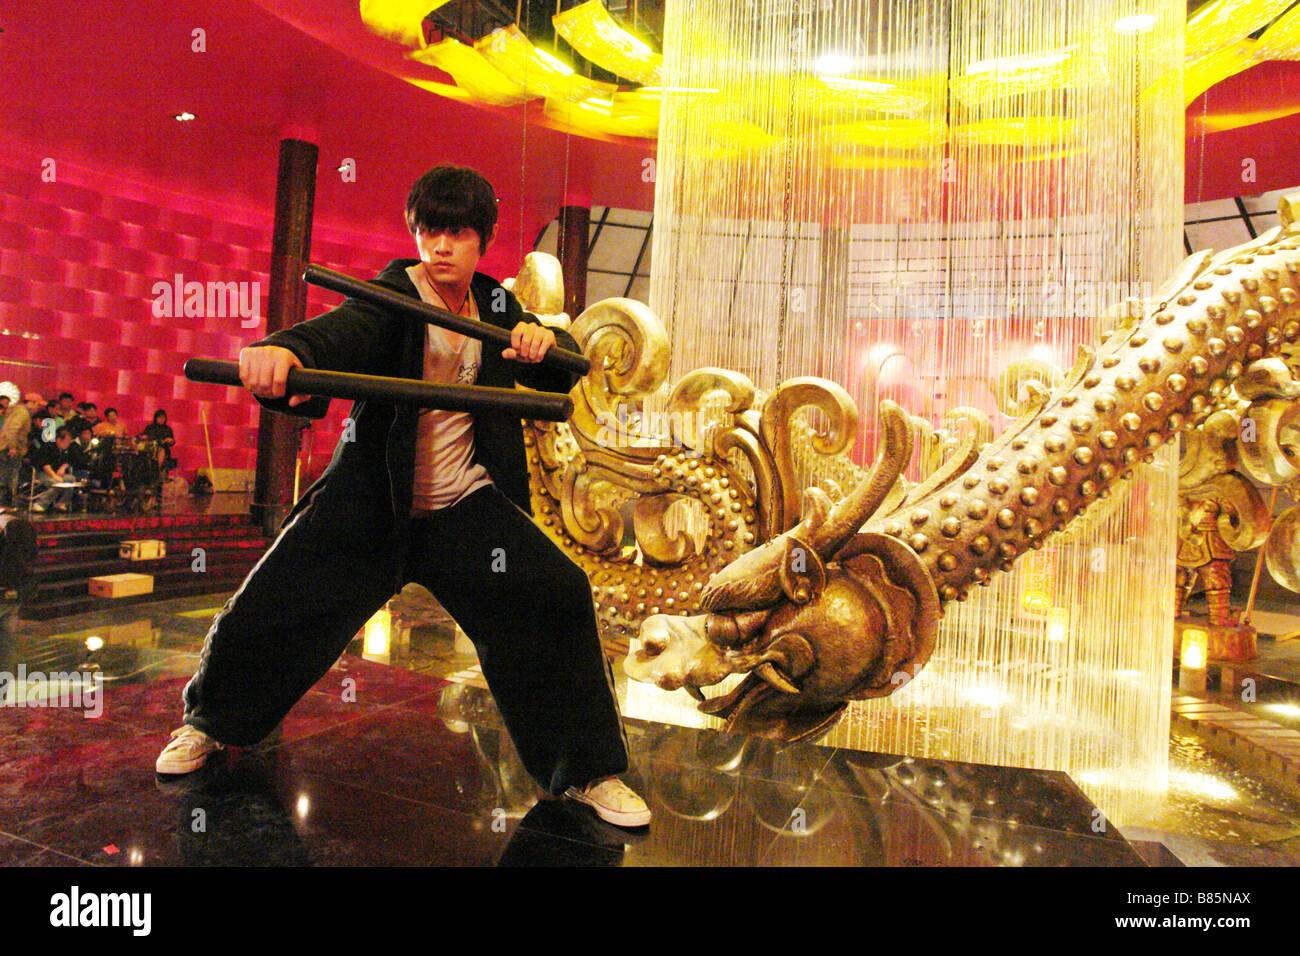 Gong fu guan lan  Kung Fu Dunk Year : 2008 Hong Kong / Taiwan /China Jay Chou  Director: Chou Yen-Ping - Stock Image